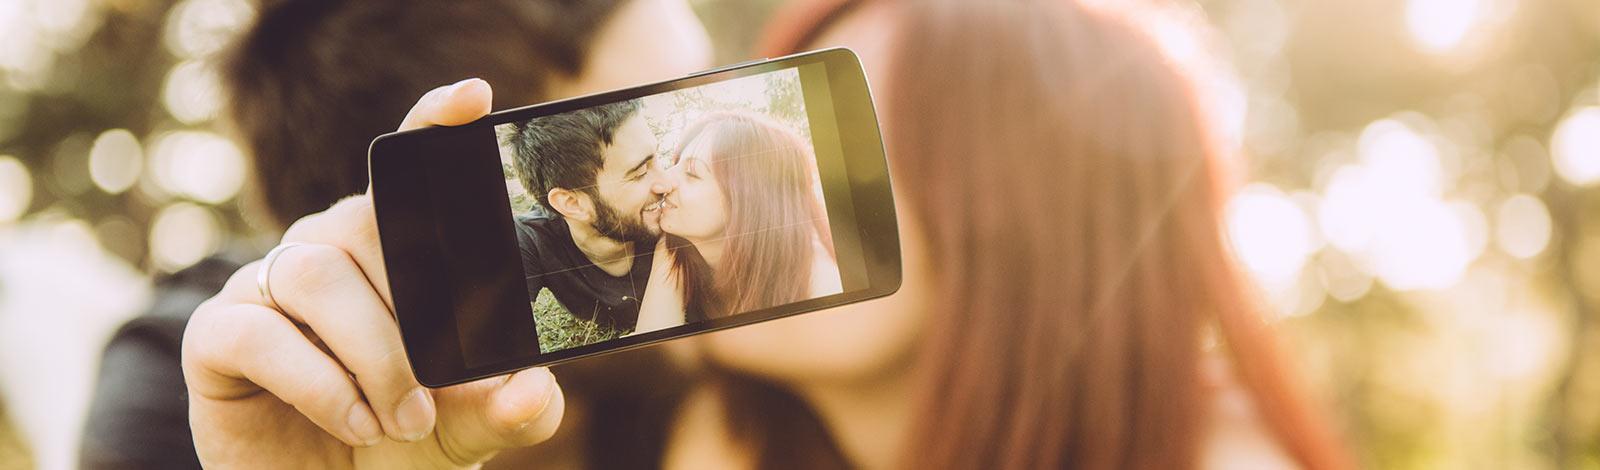 Verliebtes Paar macht Selfie